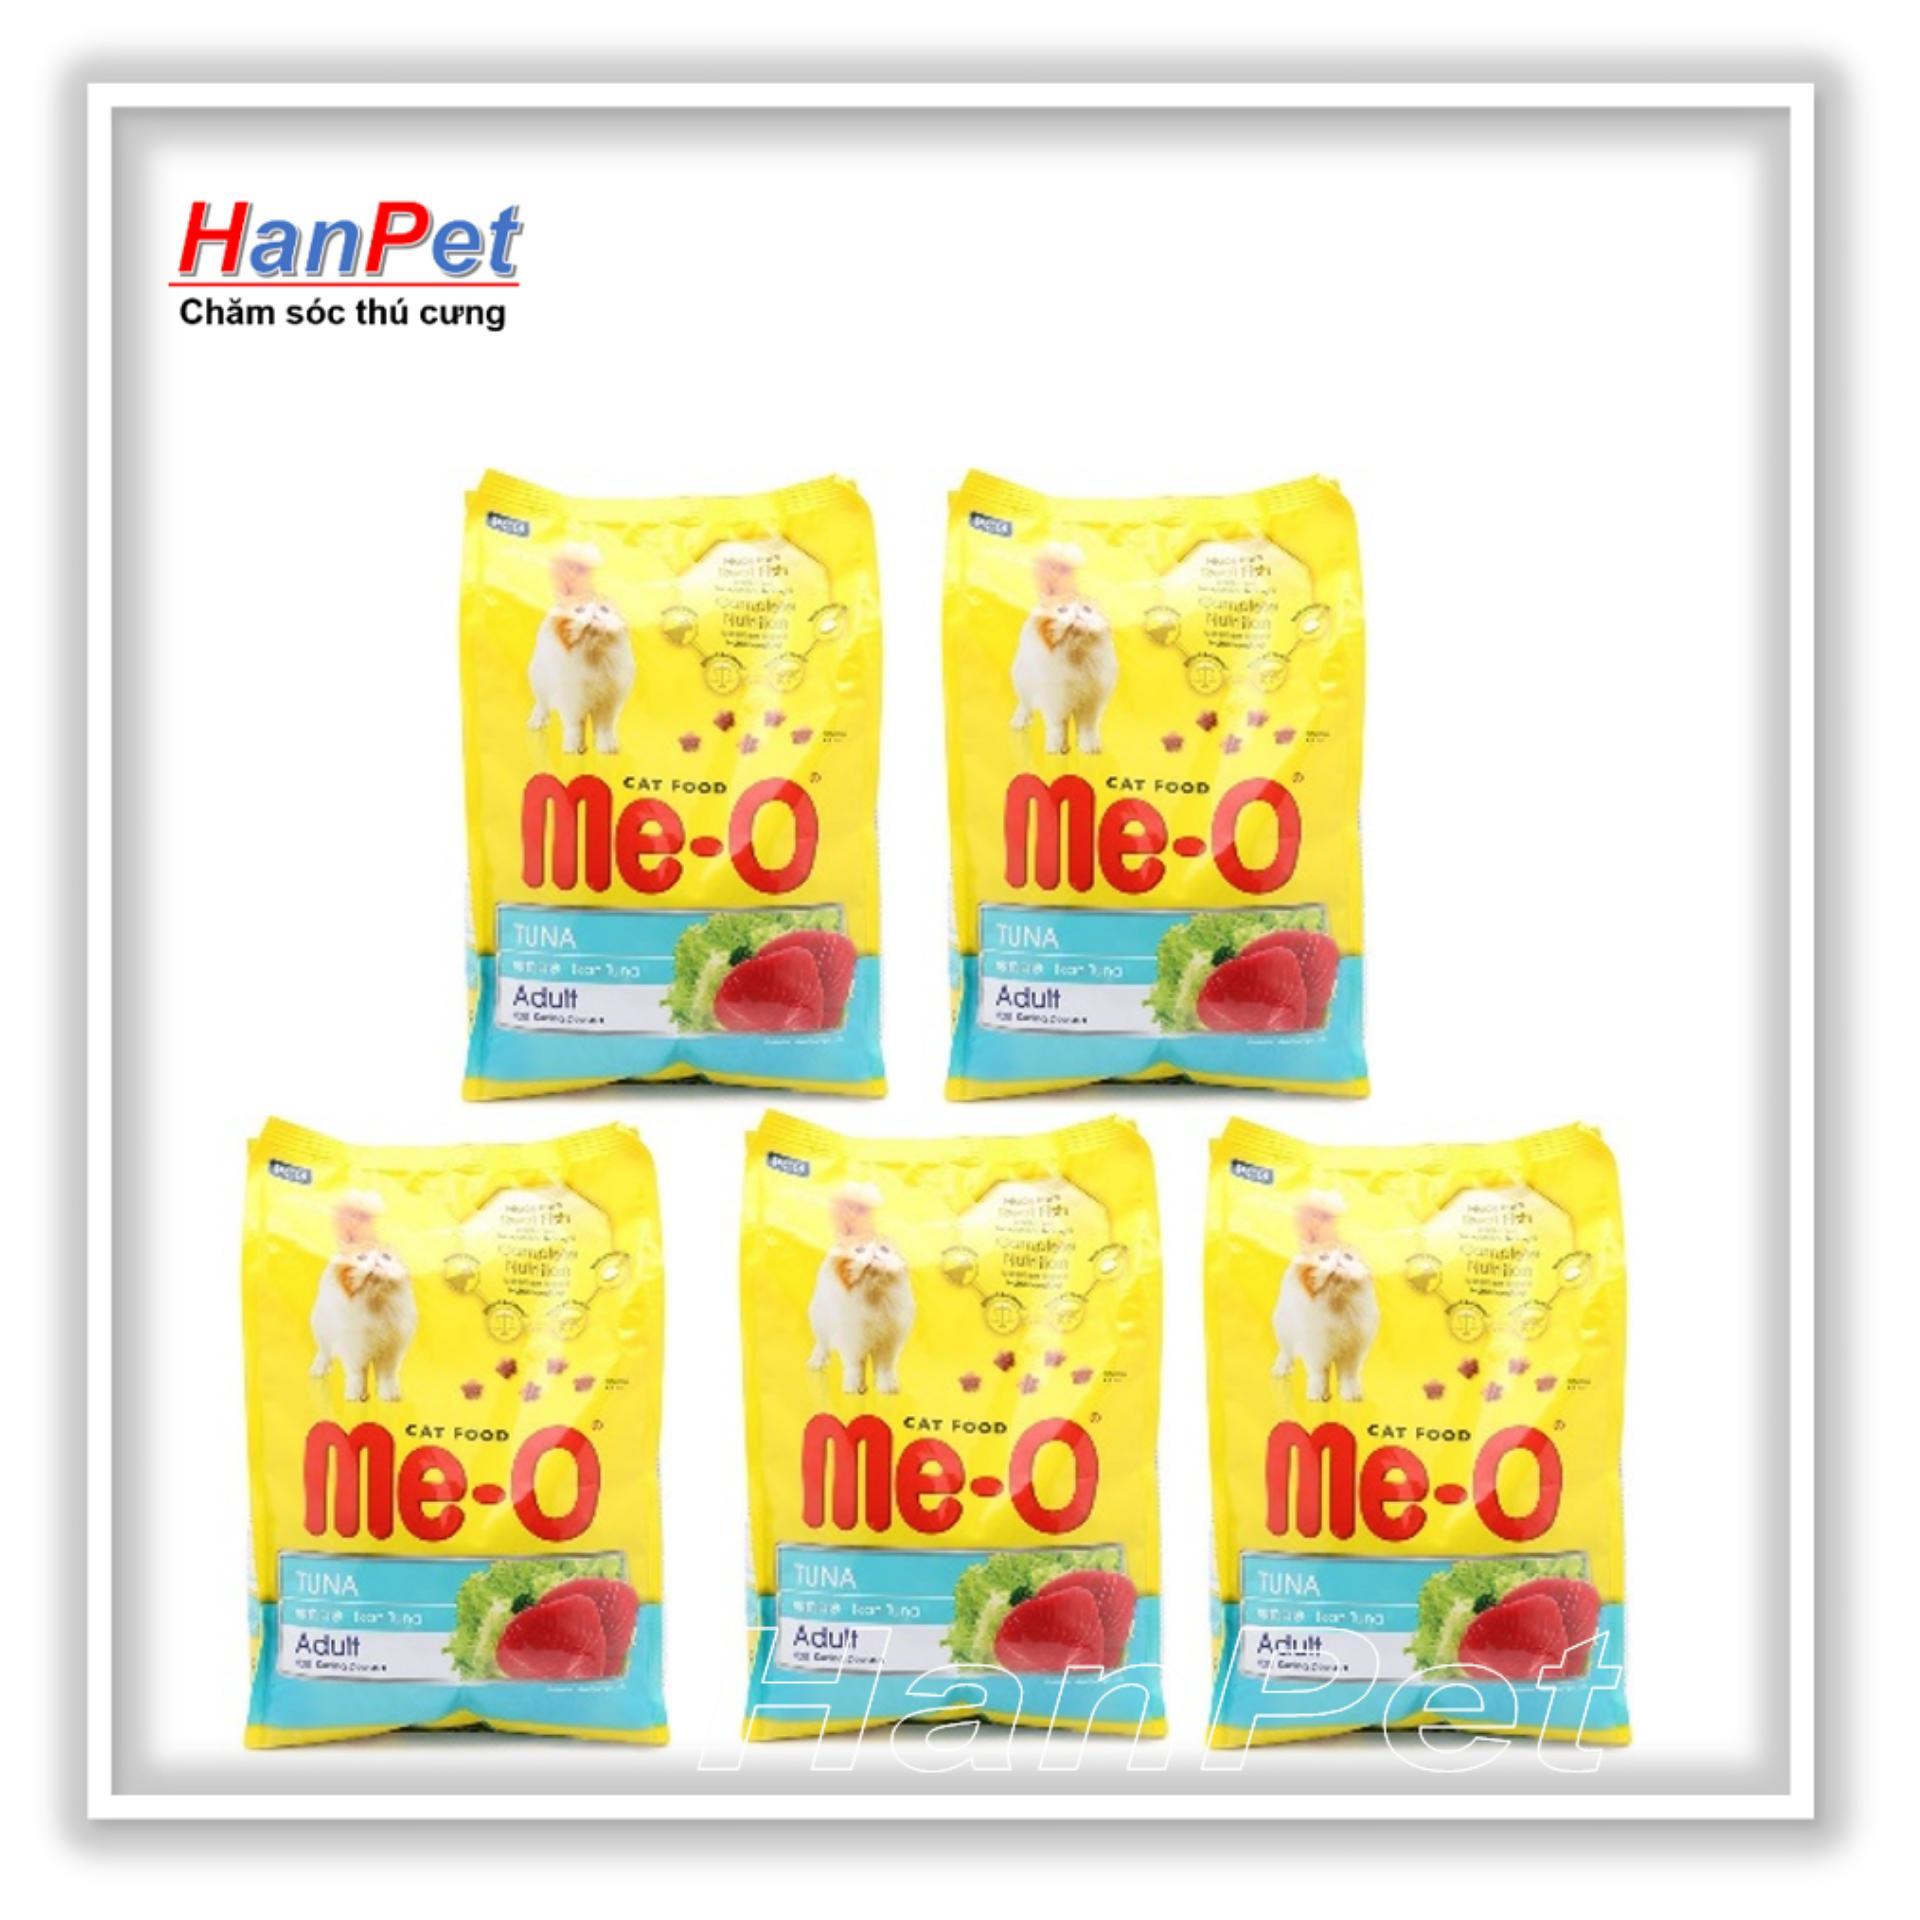 Coupon Khuyến Mại HN-Combo 5 Gói ME-O 350gr - Thức ăn Dạng Hạt Cho Mèo Lớn Vị CÁ NGỪ & HẢI SẢN (hanpet 201c)